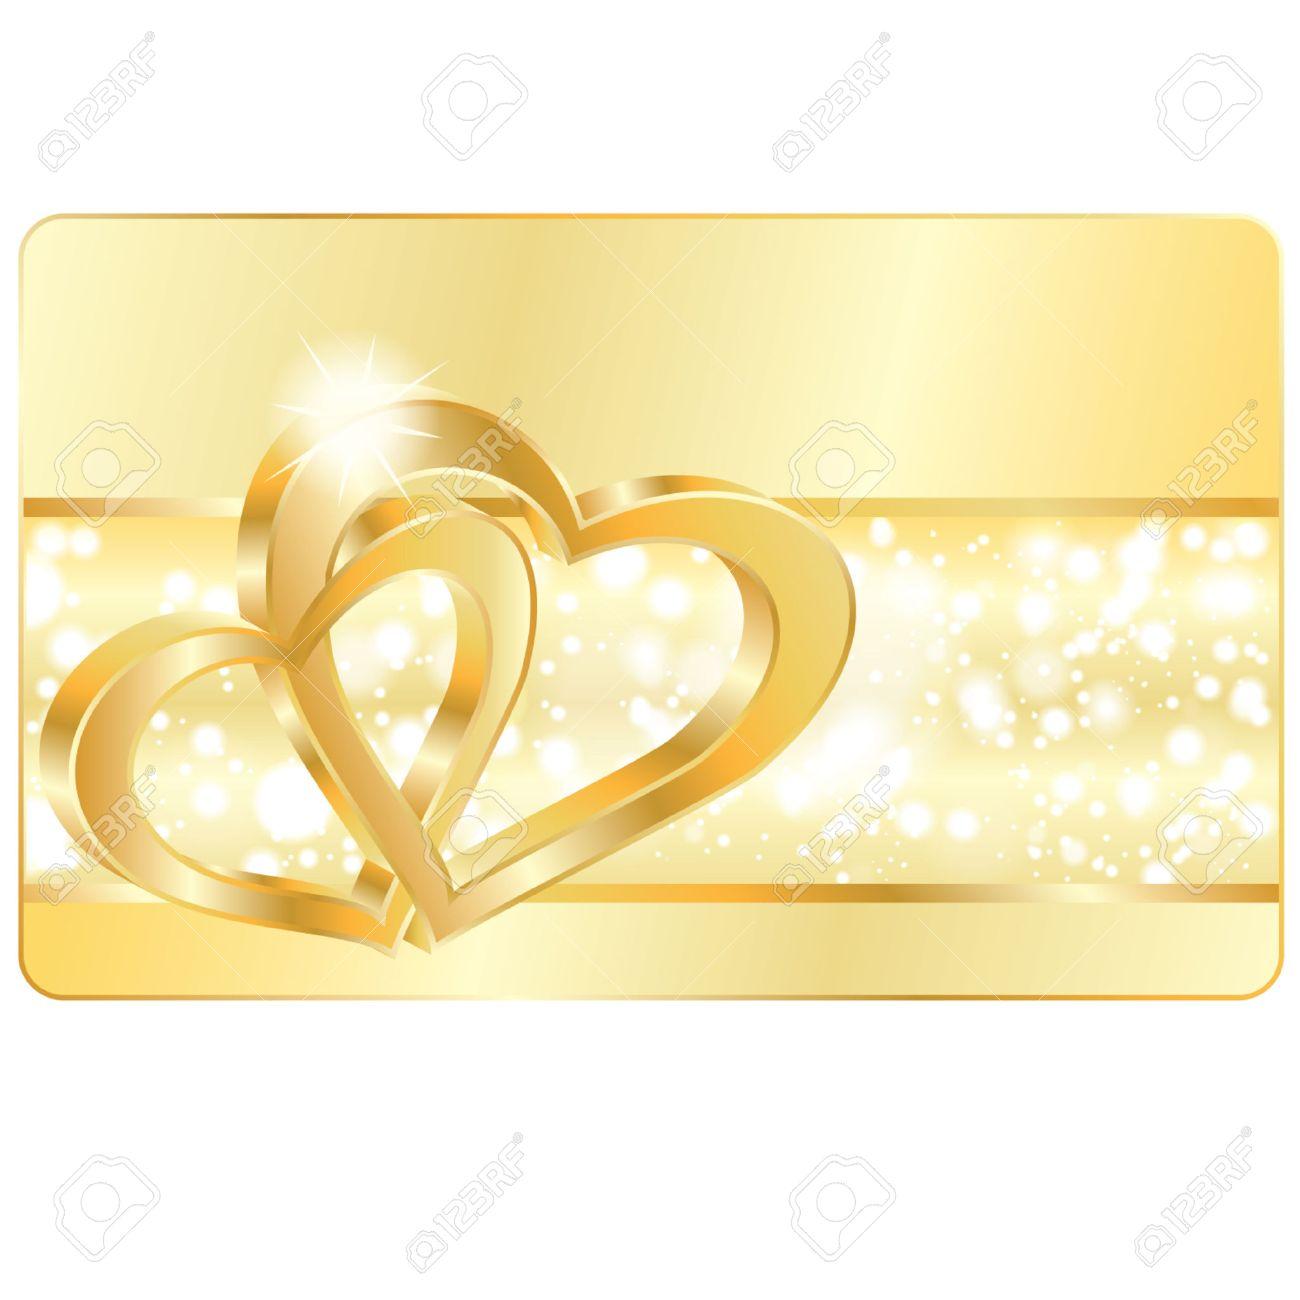 joyas de oro Tarjeta con anillos de boda corazón, ilustración vectorial de amor Vectores